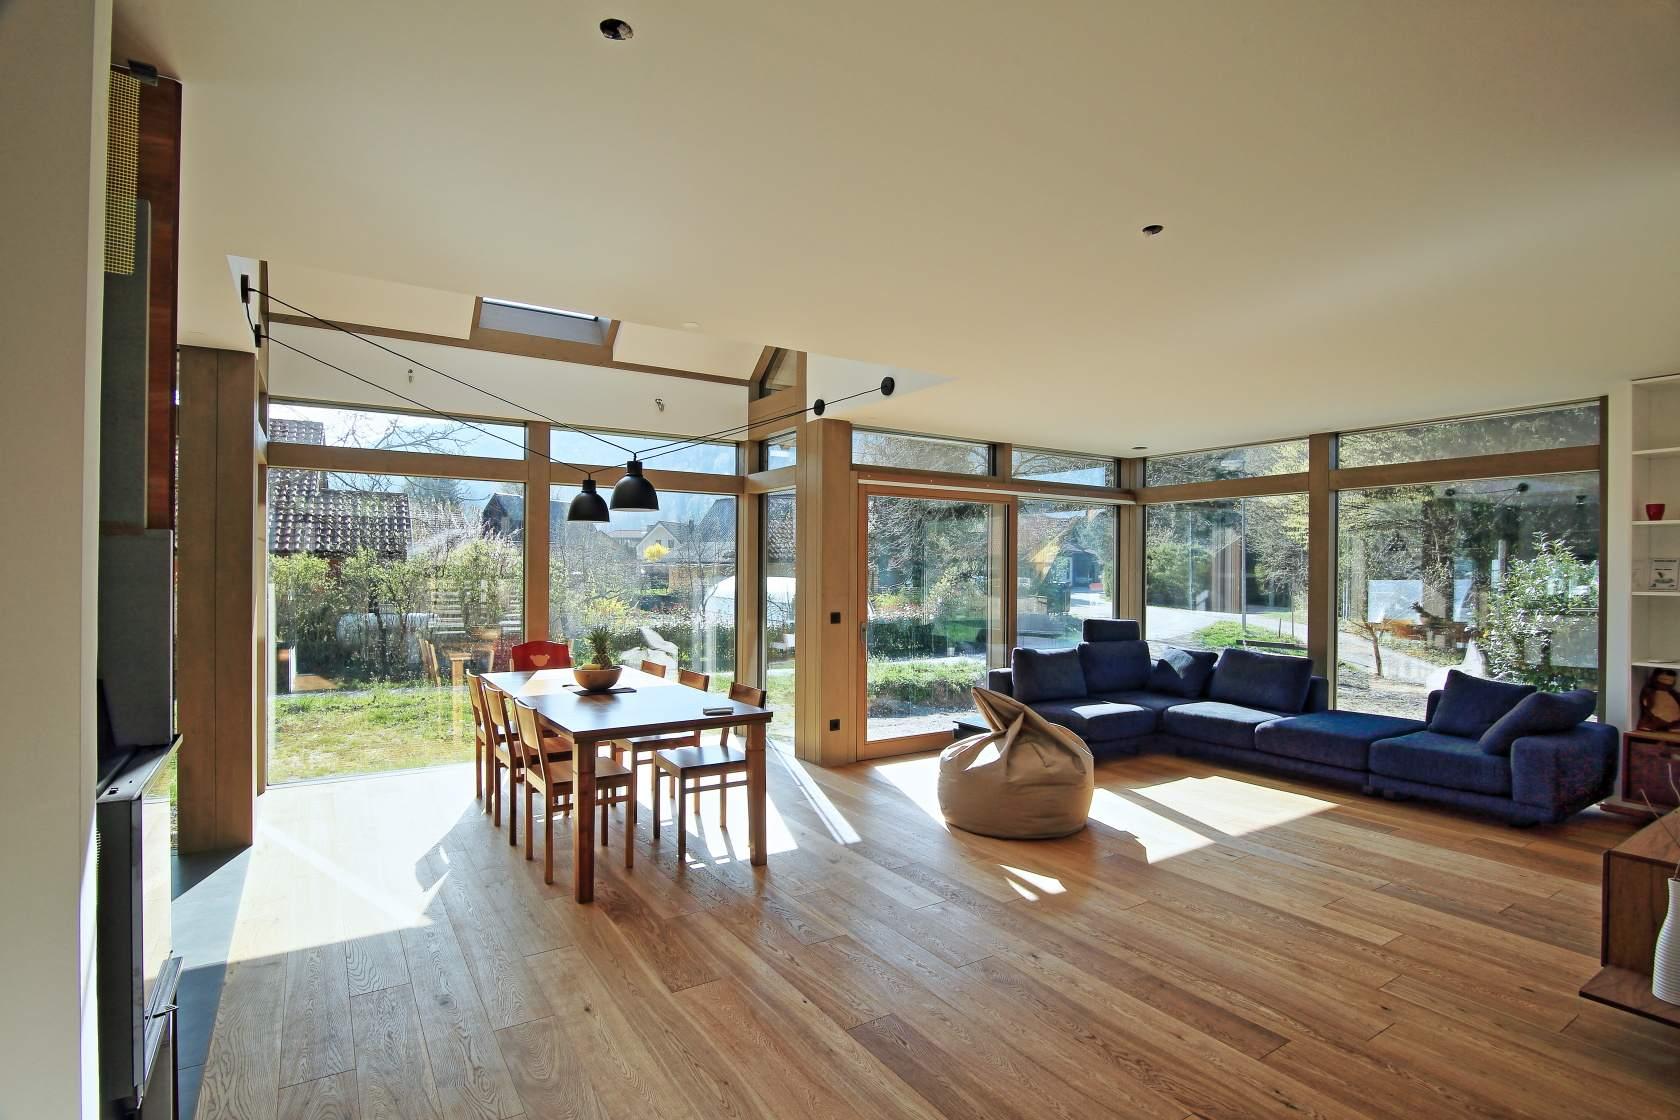 Fertighaus holz glas  Modernes Holz-Glas-Haus schont die Natur und Ihre Gesundheit